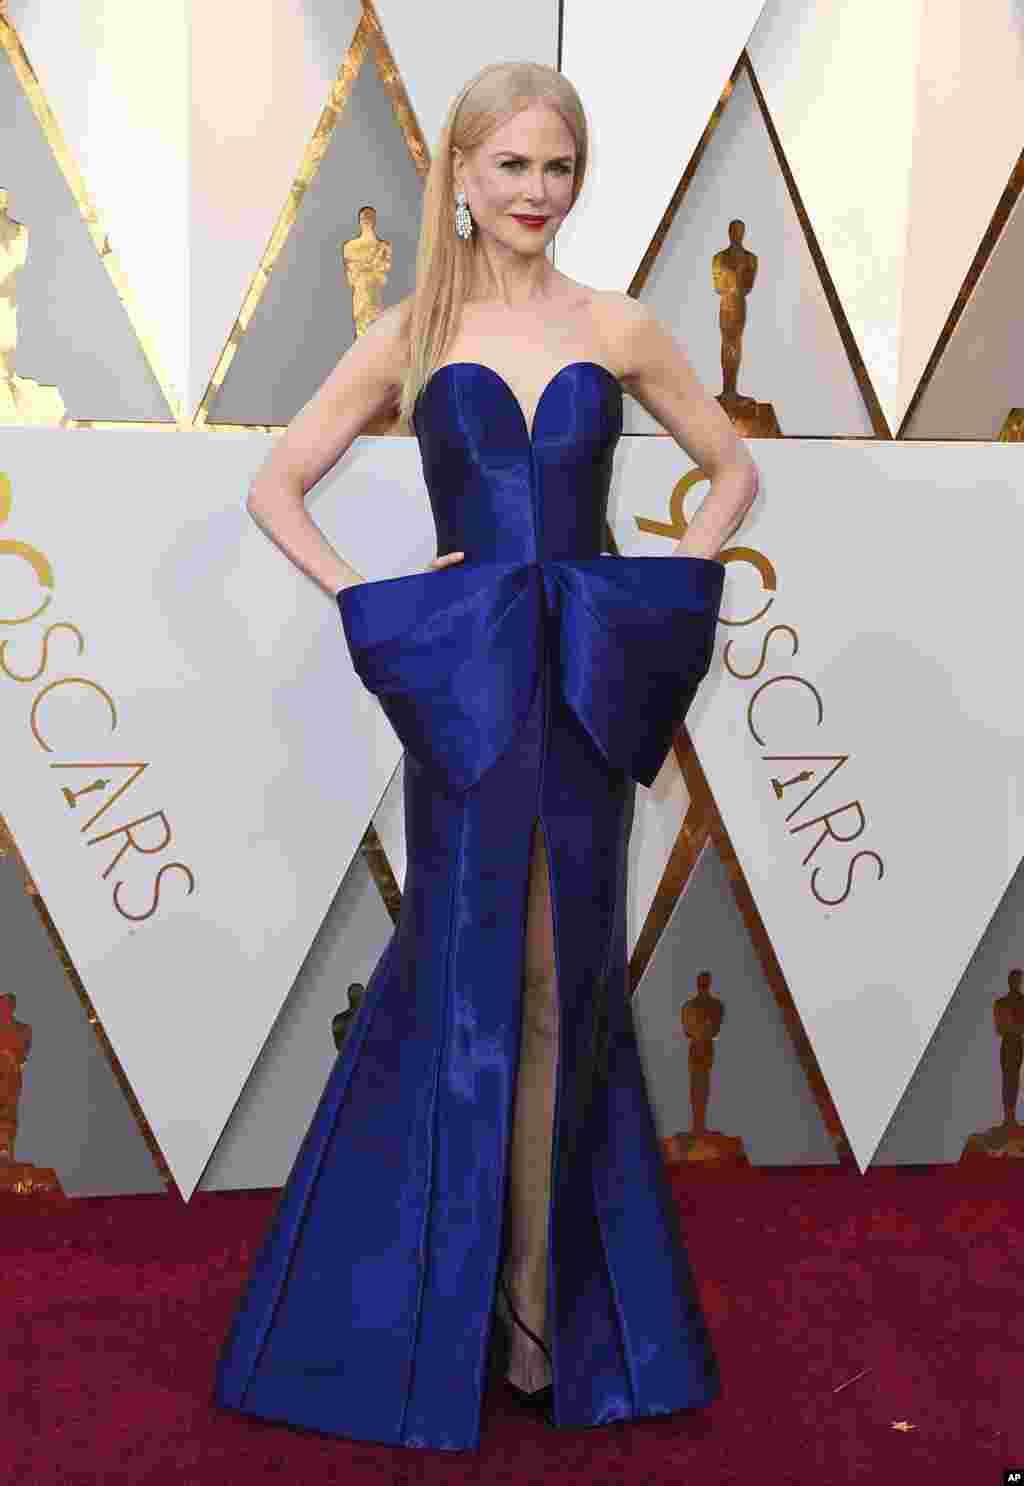 فرش قرمز اسکار ۹۰ - نیکول کیدمن، بازیگر برنده اسکار در فیلم ساعت ها در سال ۲۰۰۲. با اینکه امسال پر کار بود اما نامزد نهایی نشد.